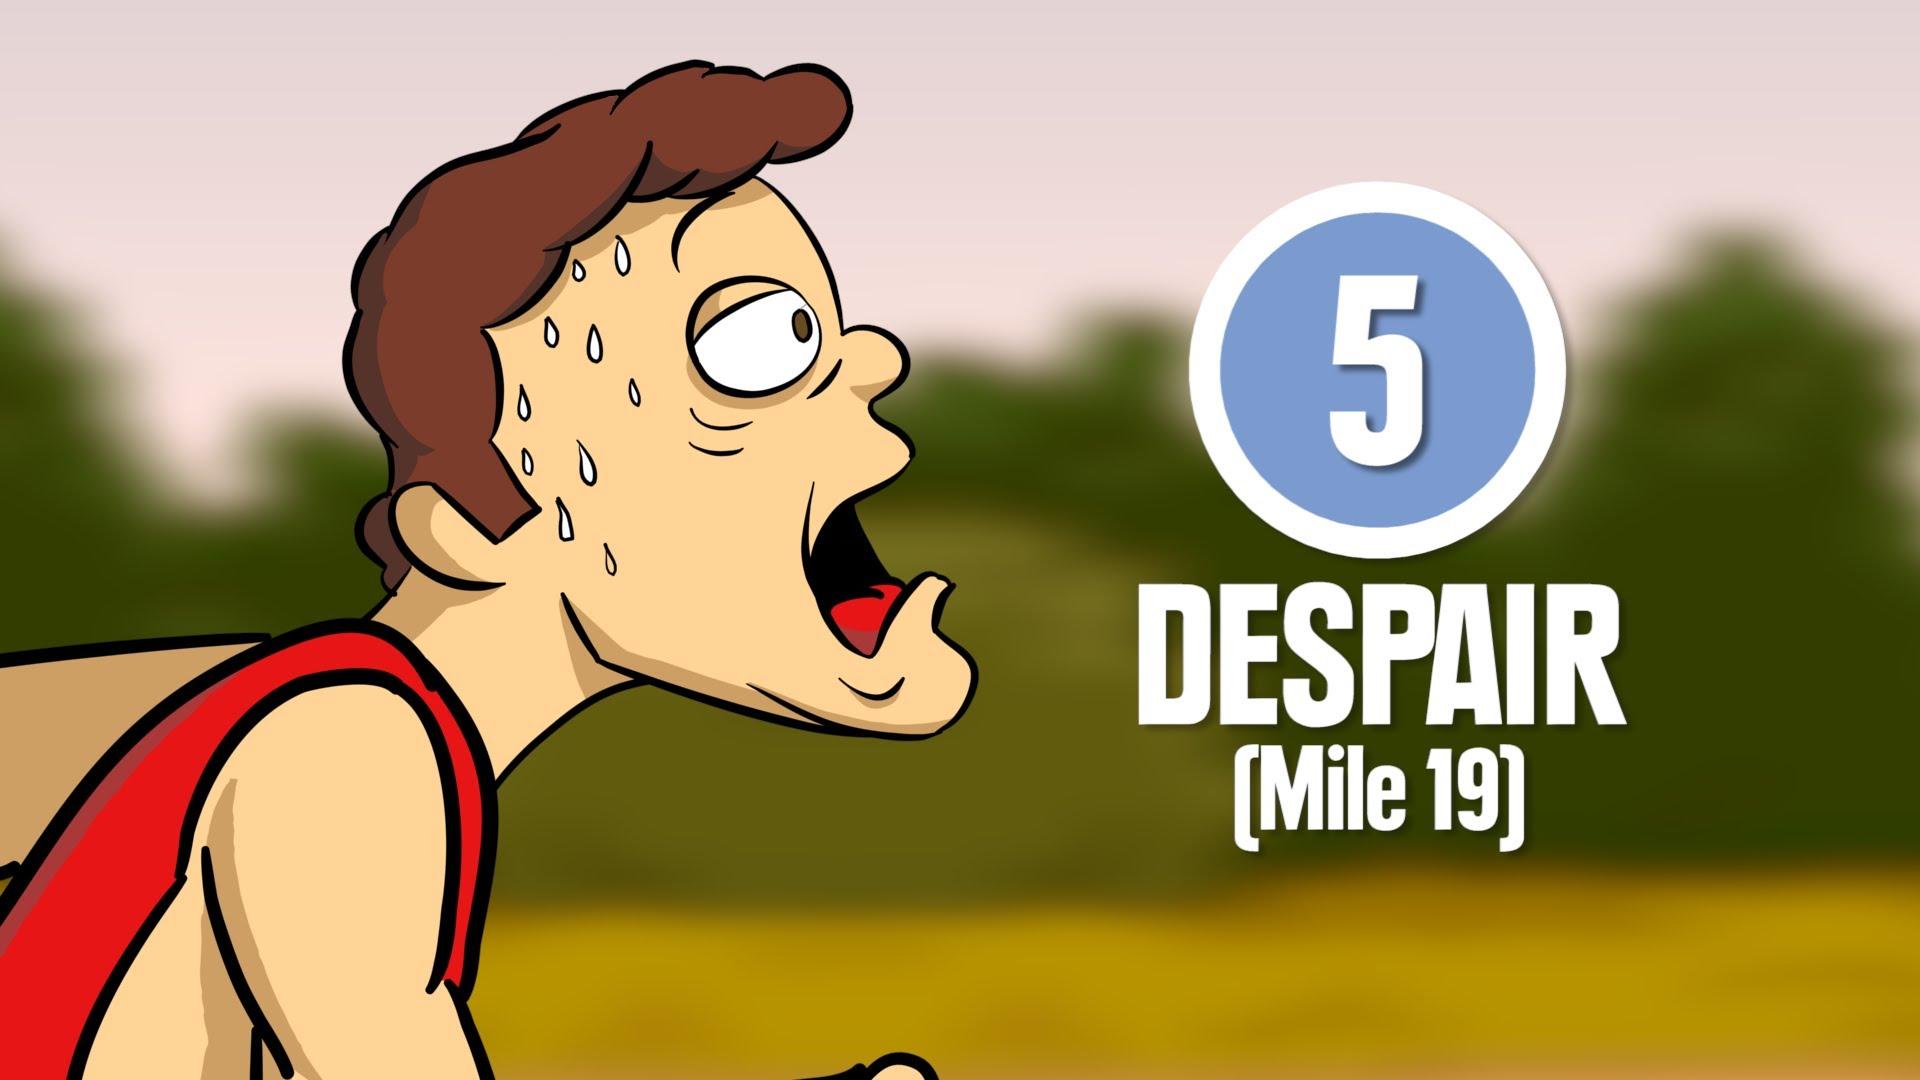 跑馬拉松必經的八個階段,你一定感同身受!